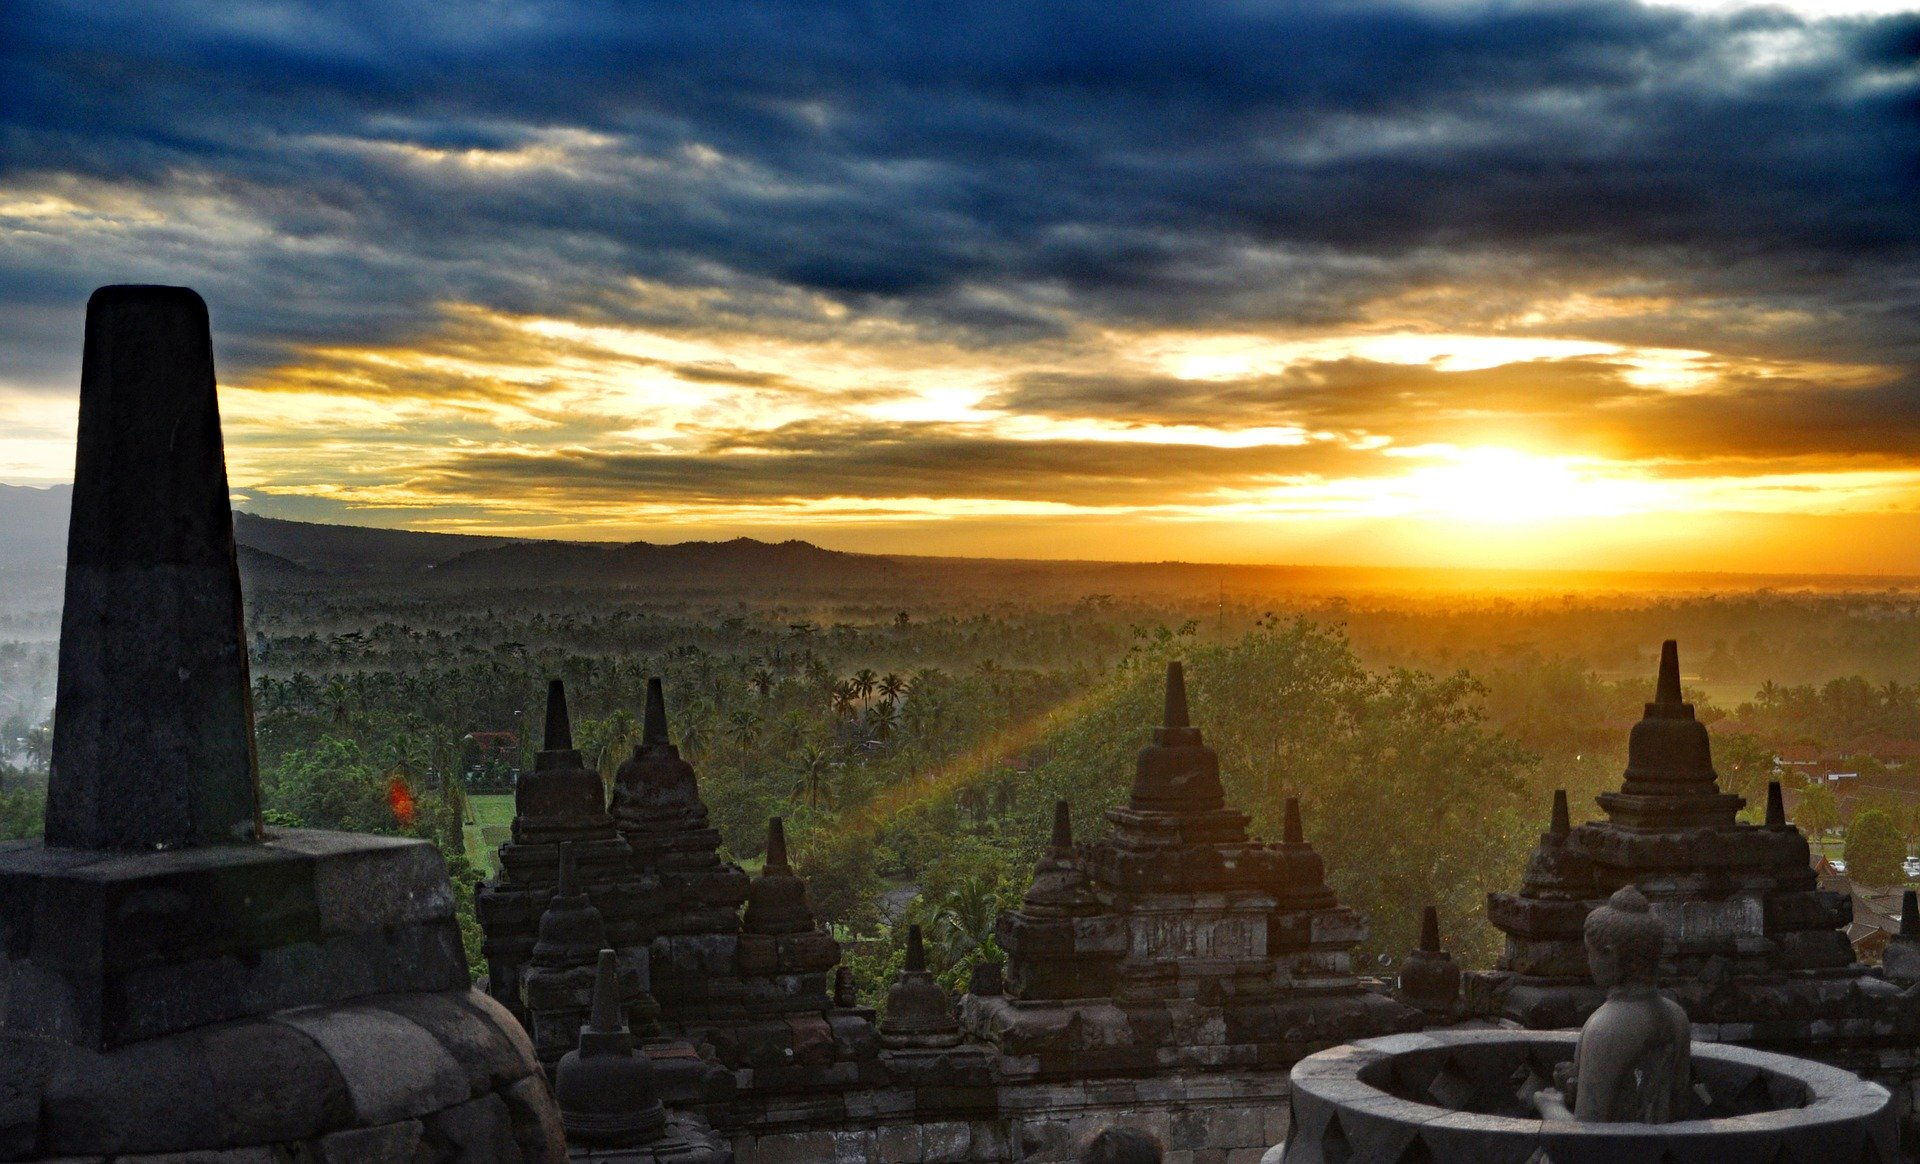 sunrise in borobudur temple